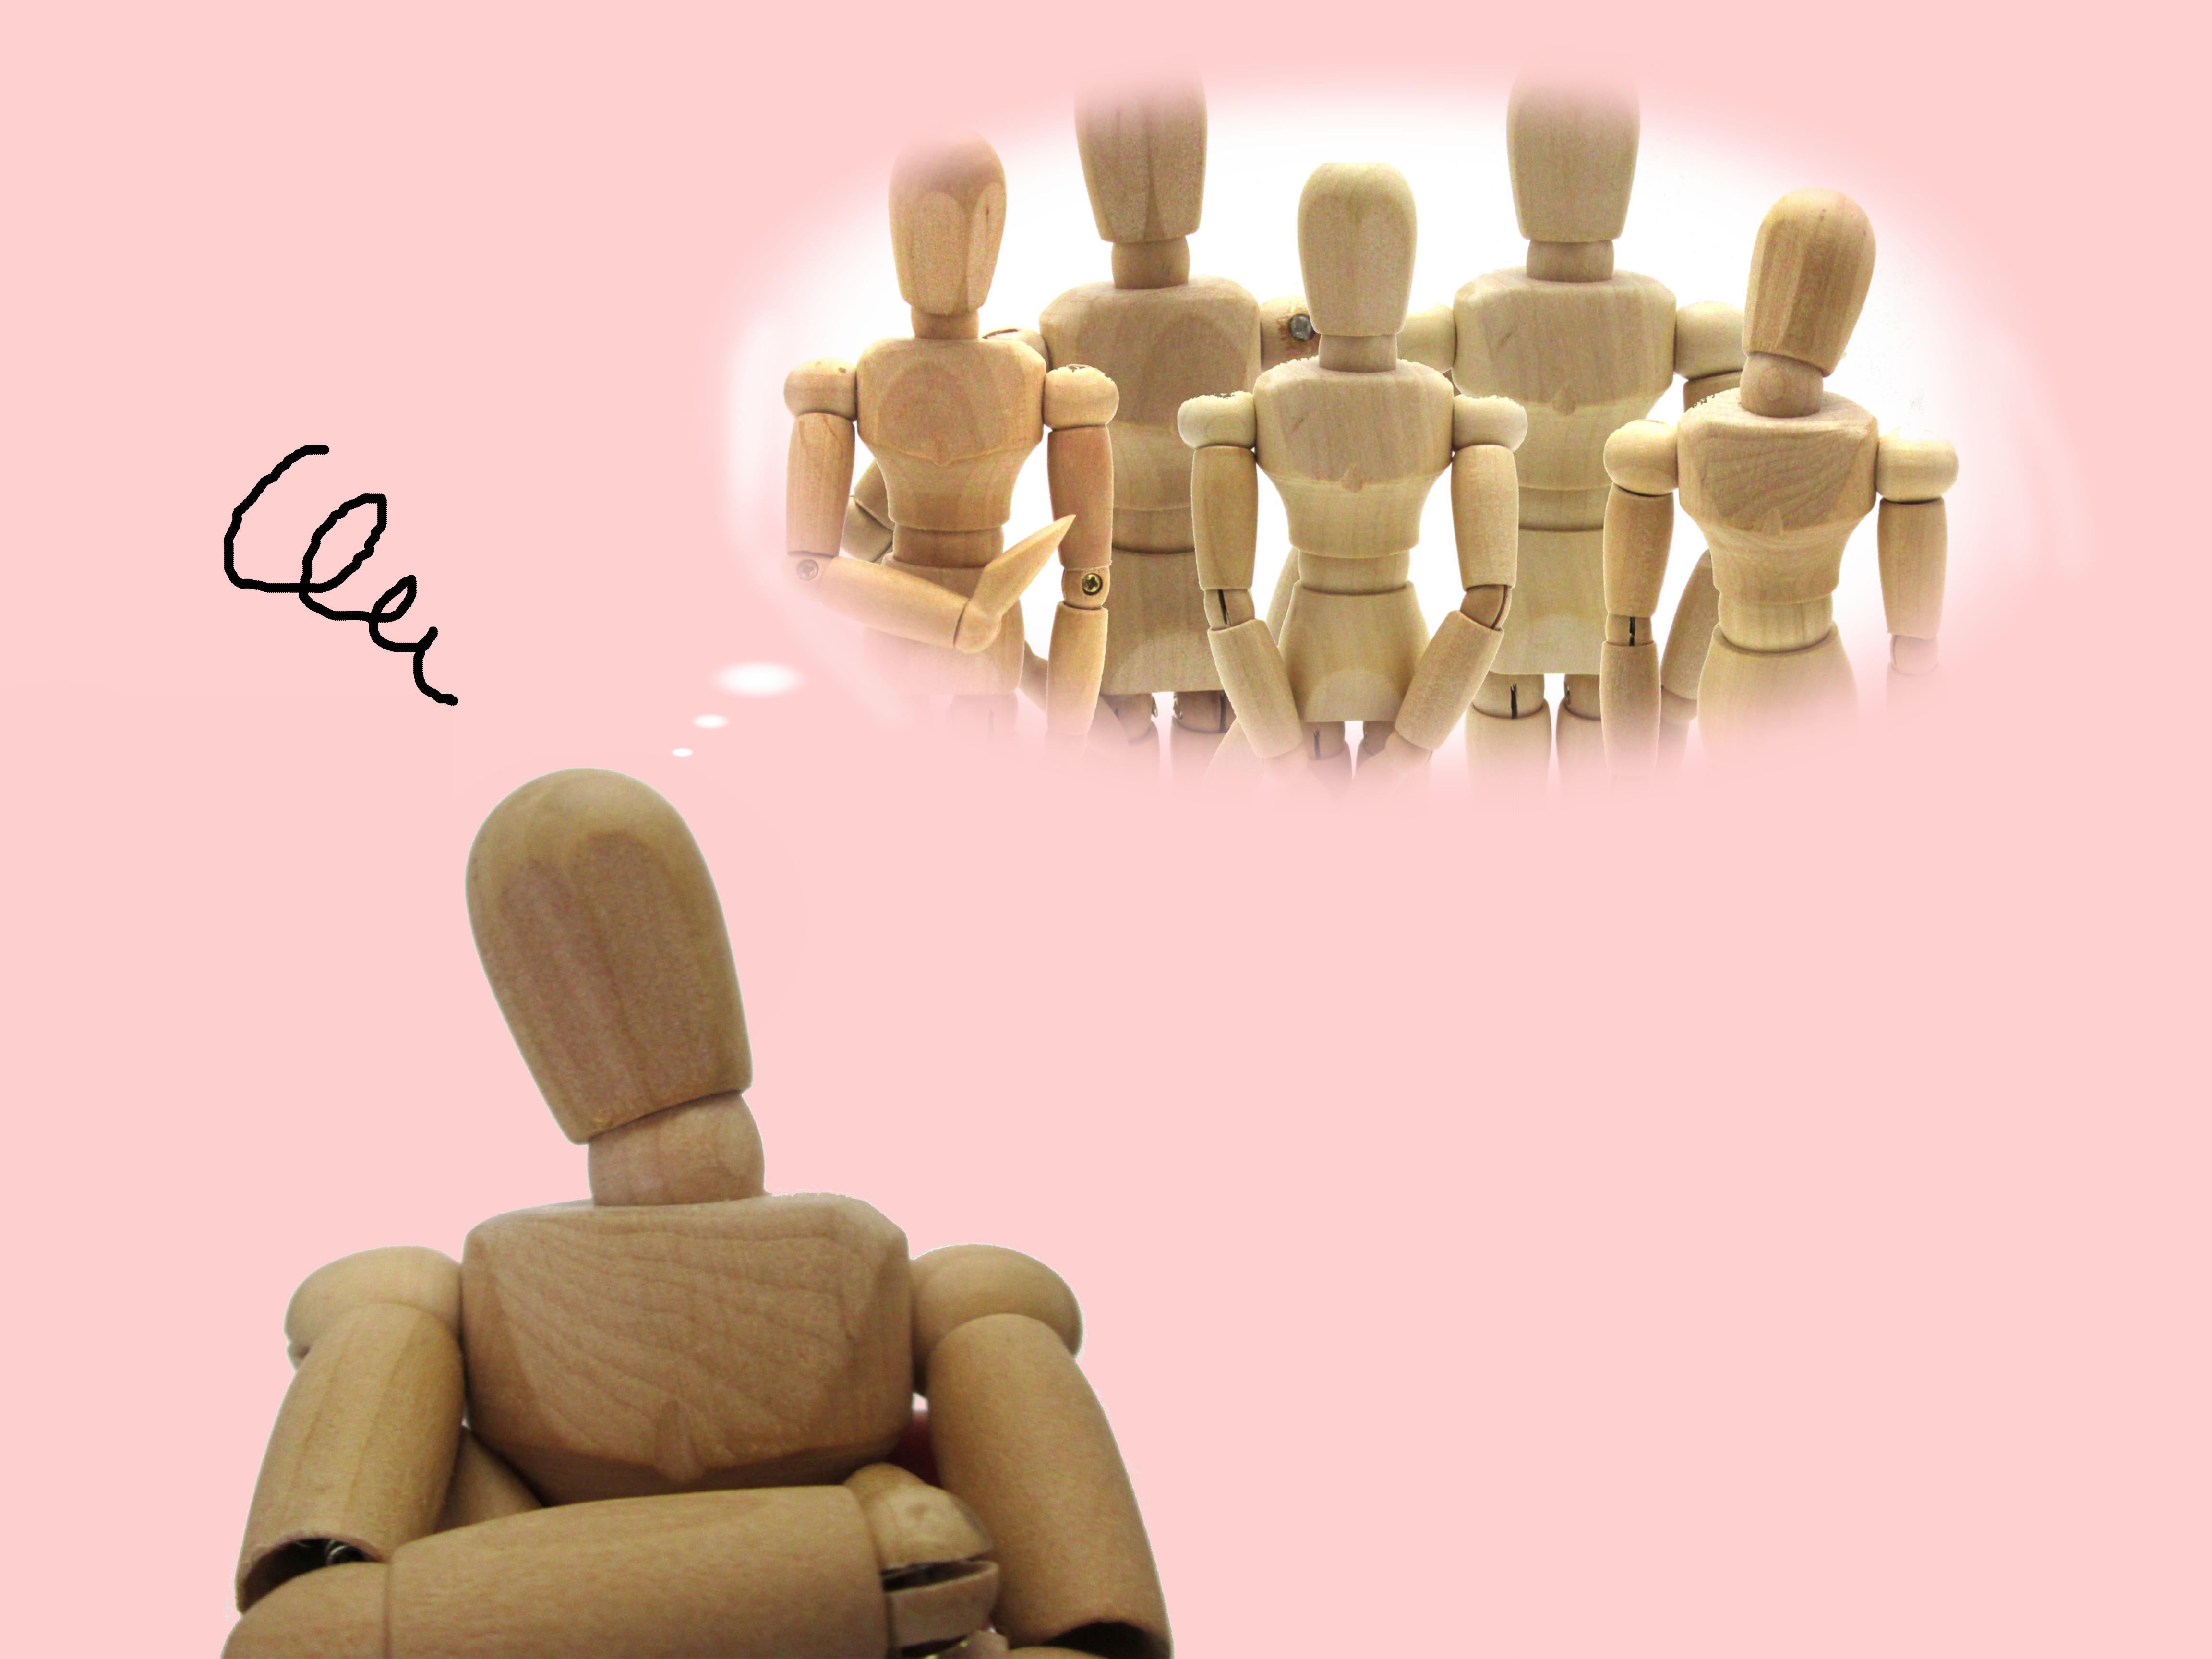 元ヤクザは職場ではコミィ障が多い、新しい職場での人間関係は非常に難しい【経験談】